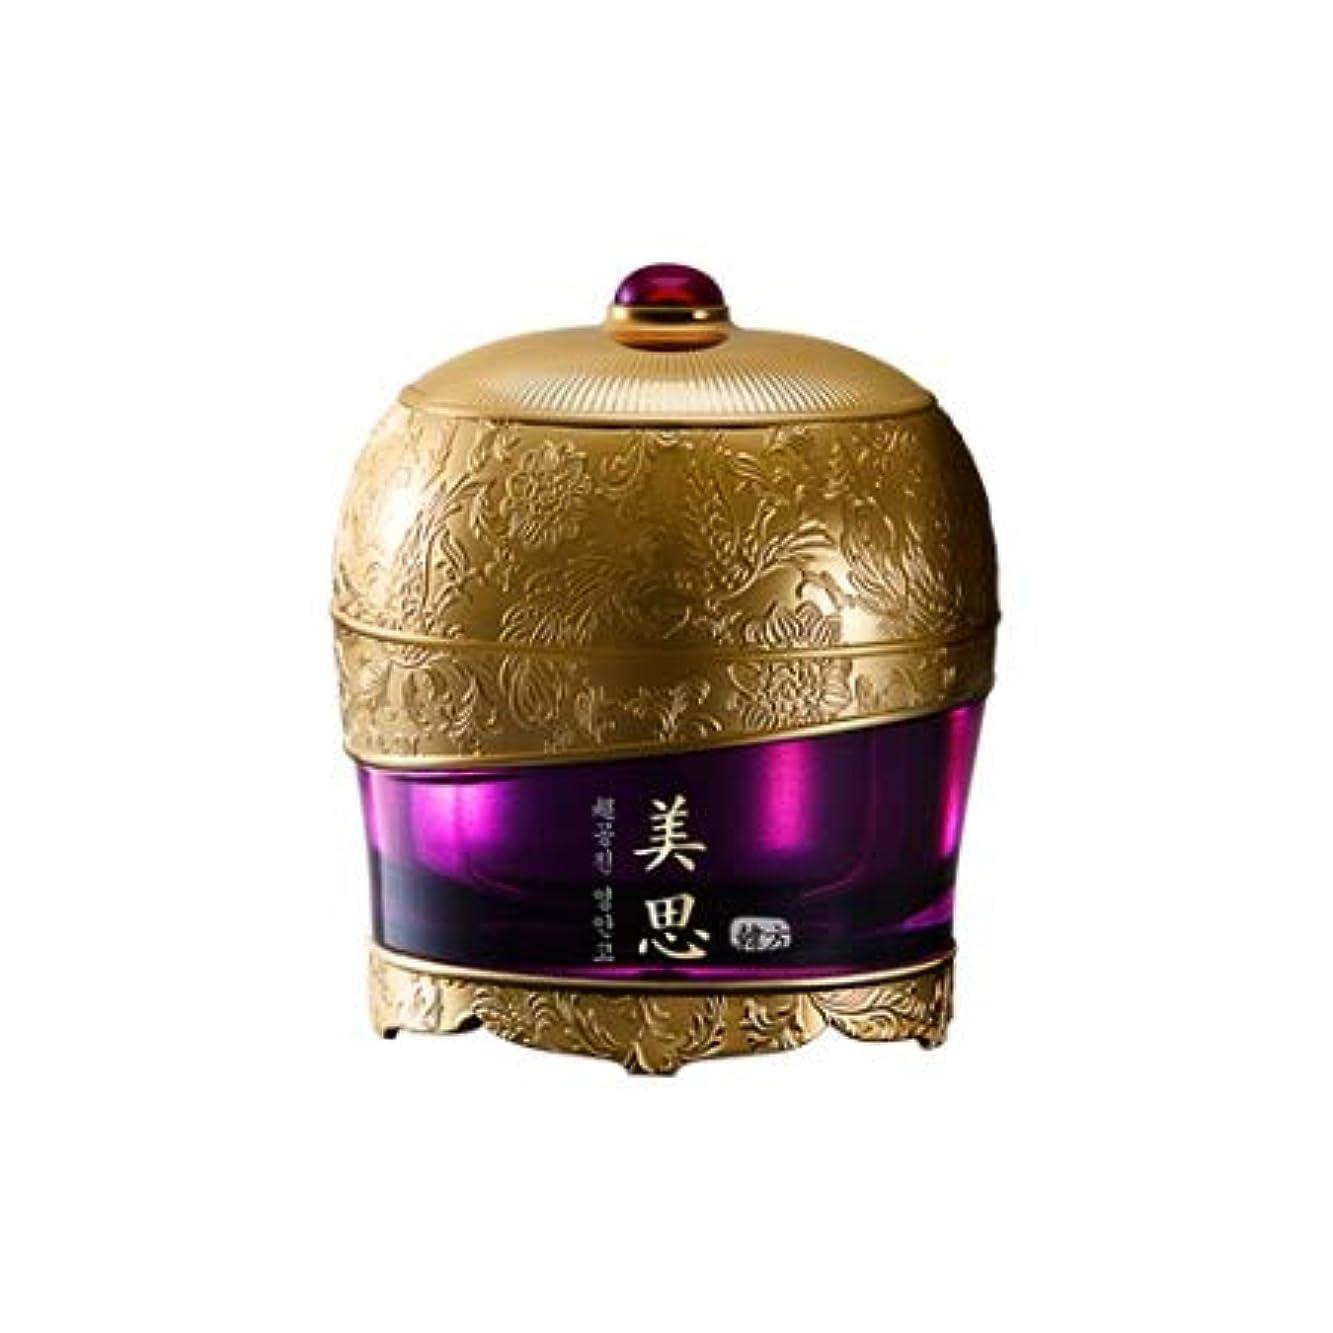 一致する礼儀独裁MISSHA Chogongjin Premium cream ミシャ美思超拱辰(チョゴンジン) 永安膏 クリーム クリーム 60ml [並行輸入品]